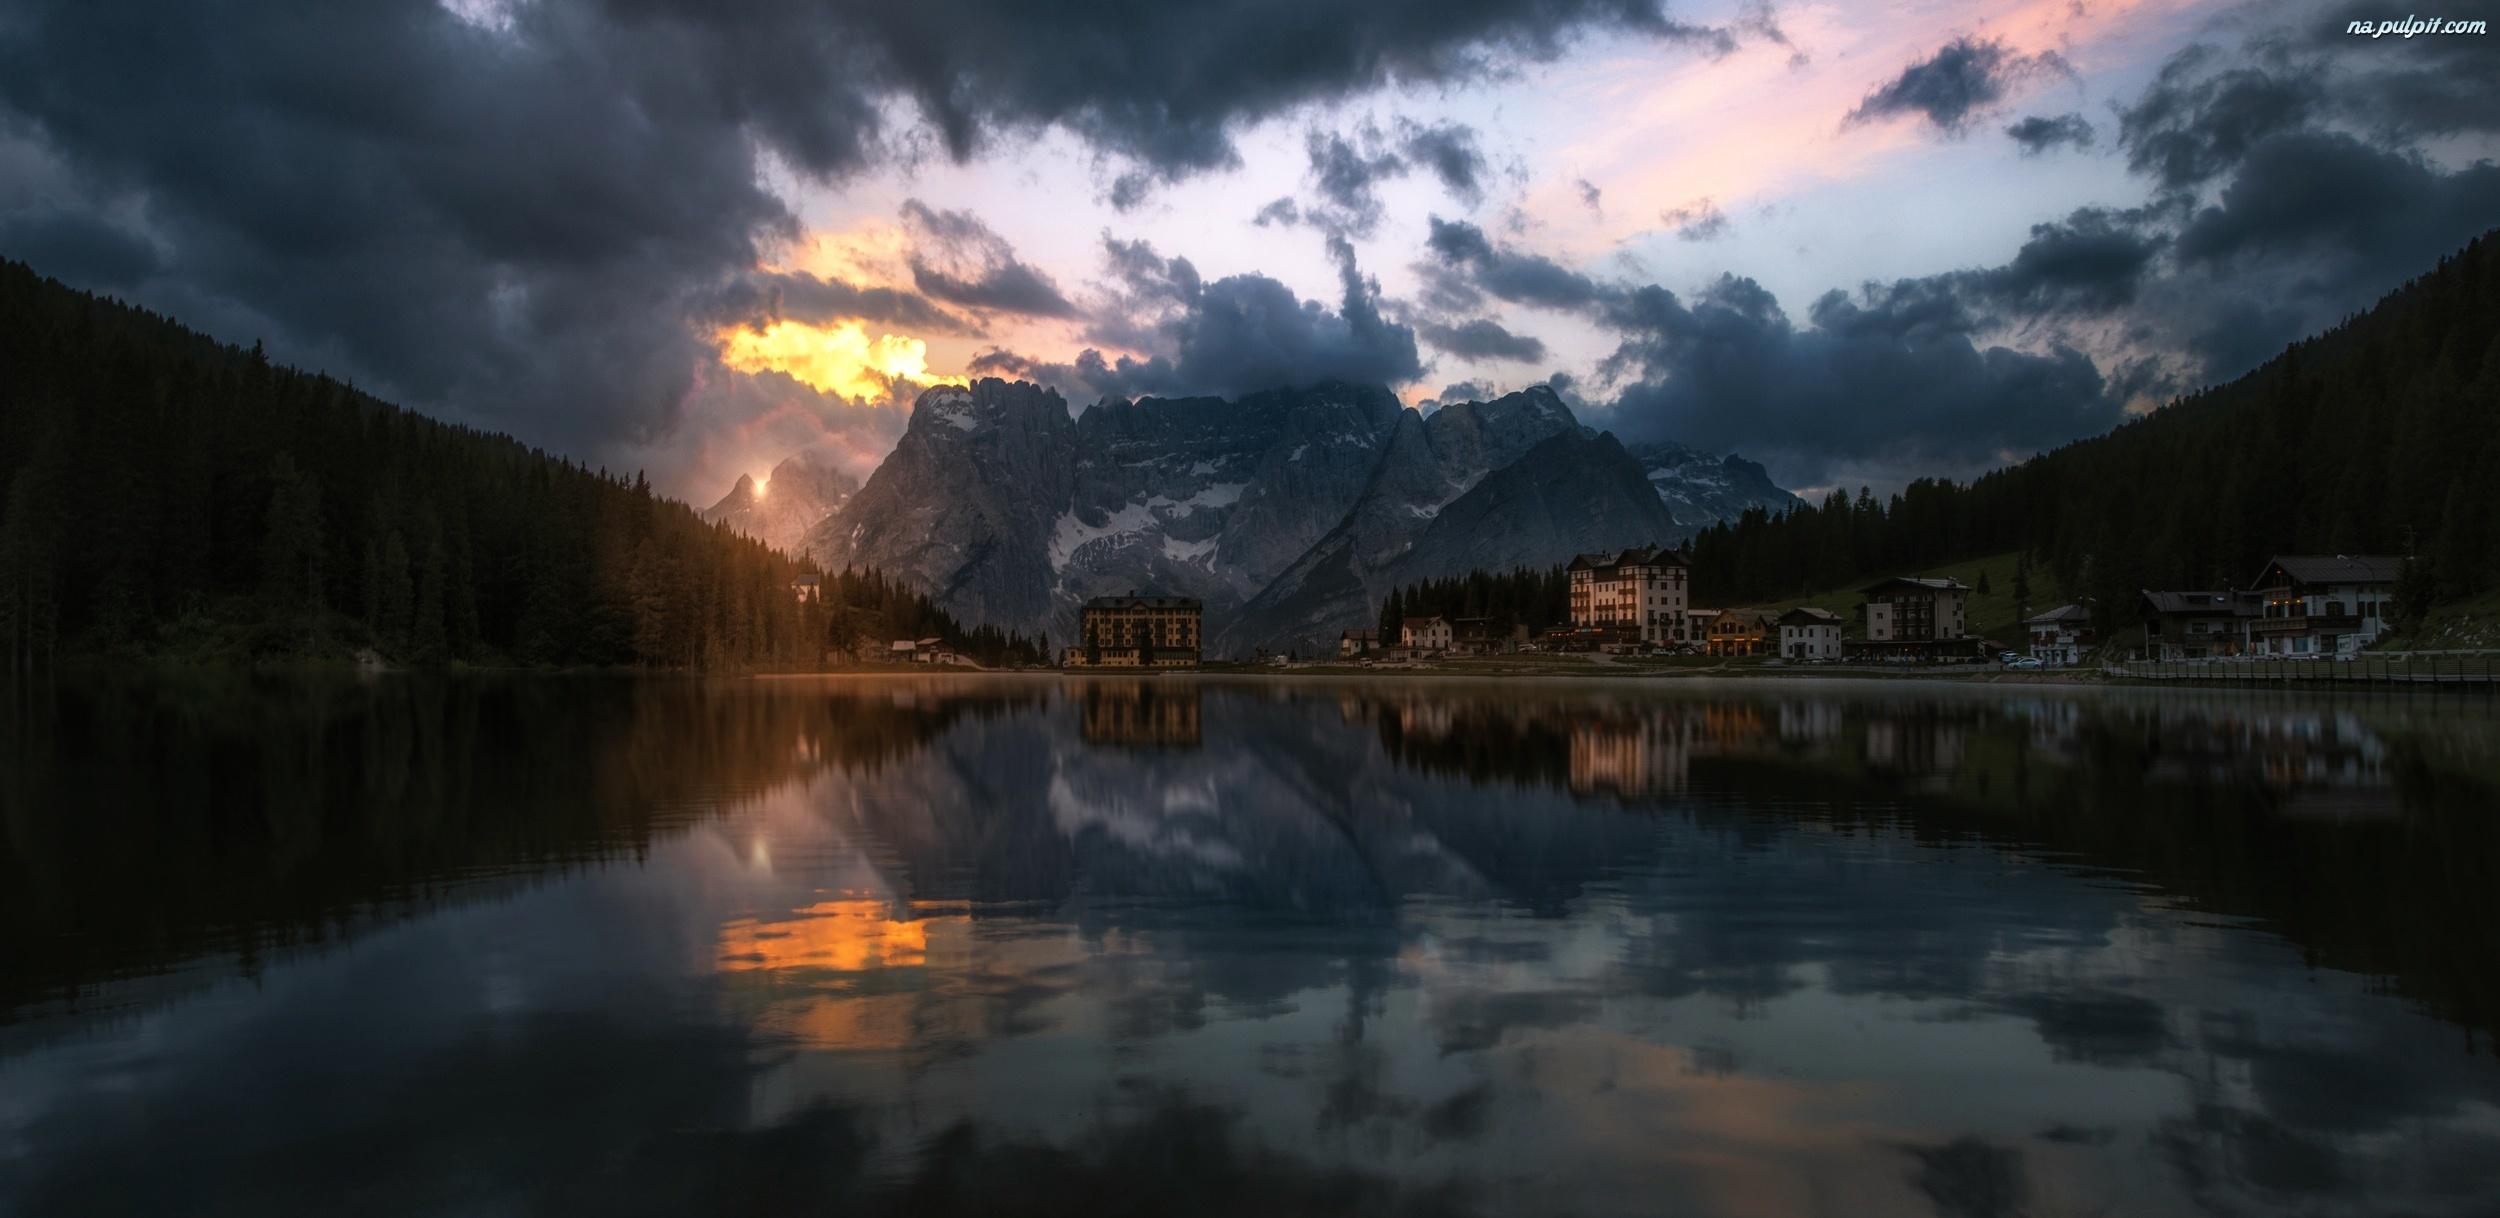 http://www.tapeta-gory-chmury-jezioro-odbicie.na-pulpit.com/zdjecia/gory-chmury-jezioro-odbicie.jpeg